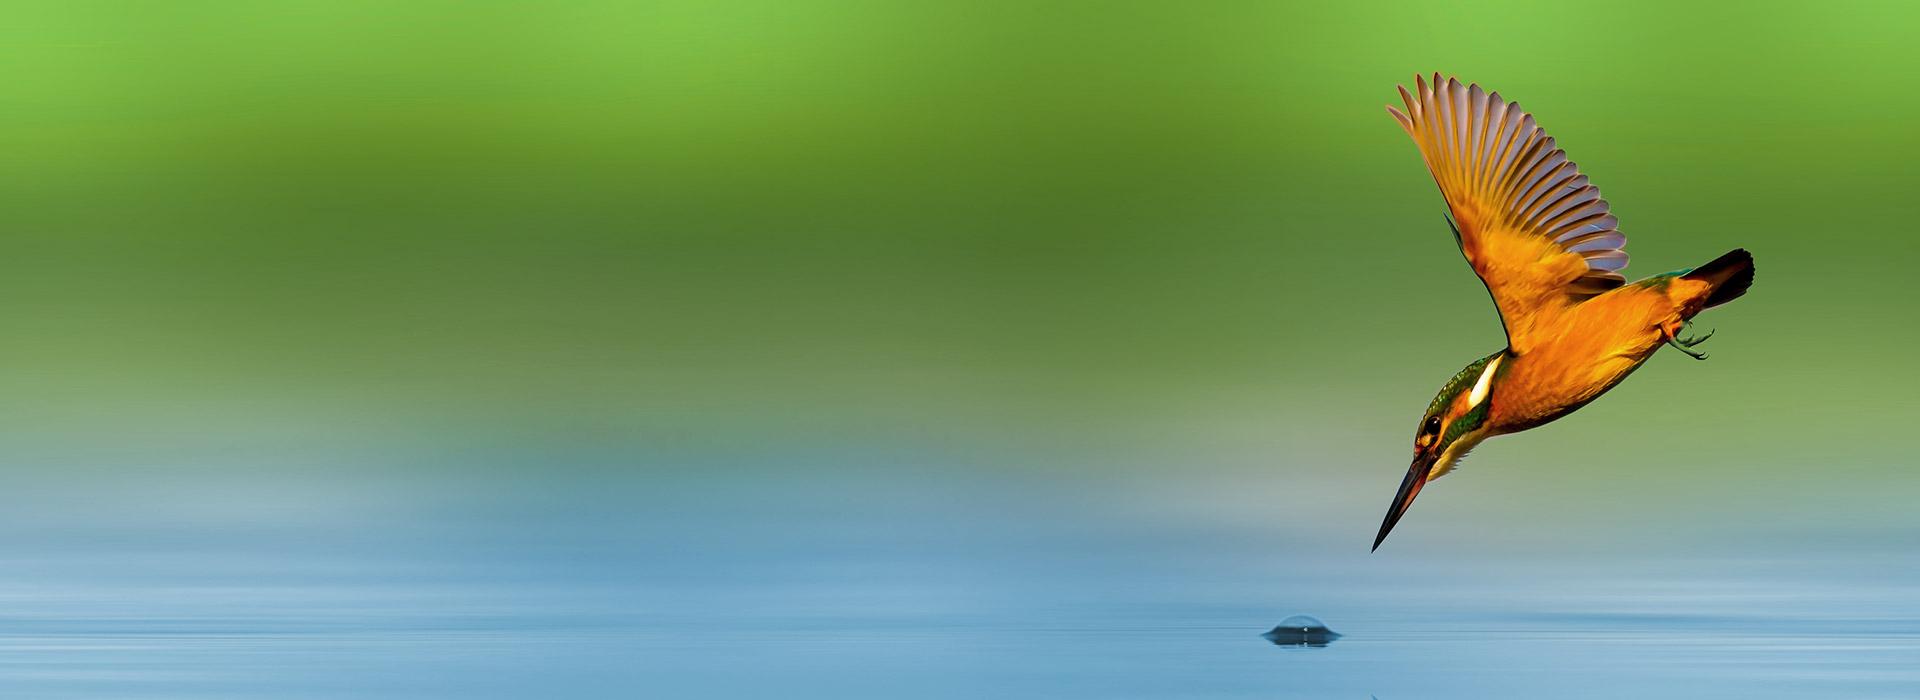 vogel fliegt auf wasser zu